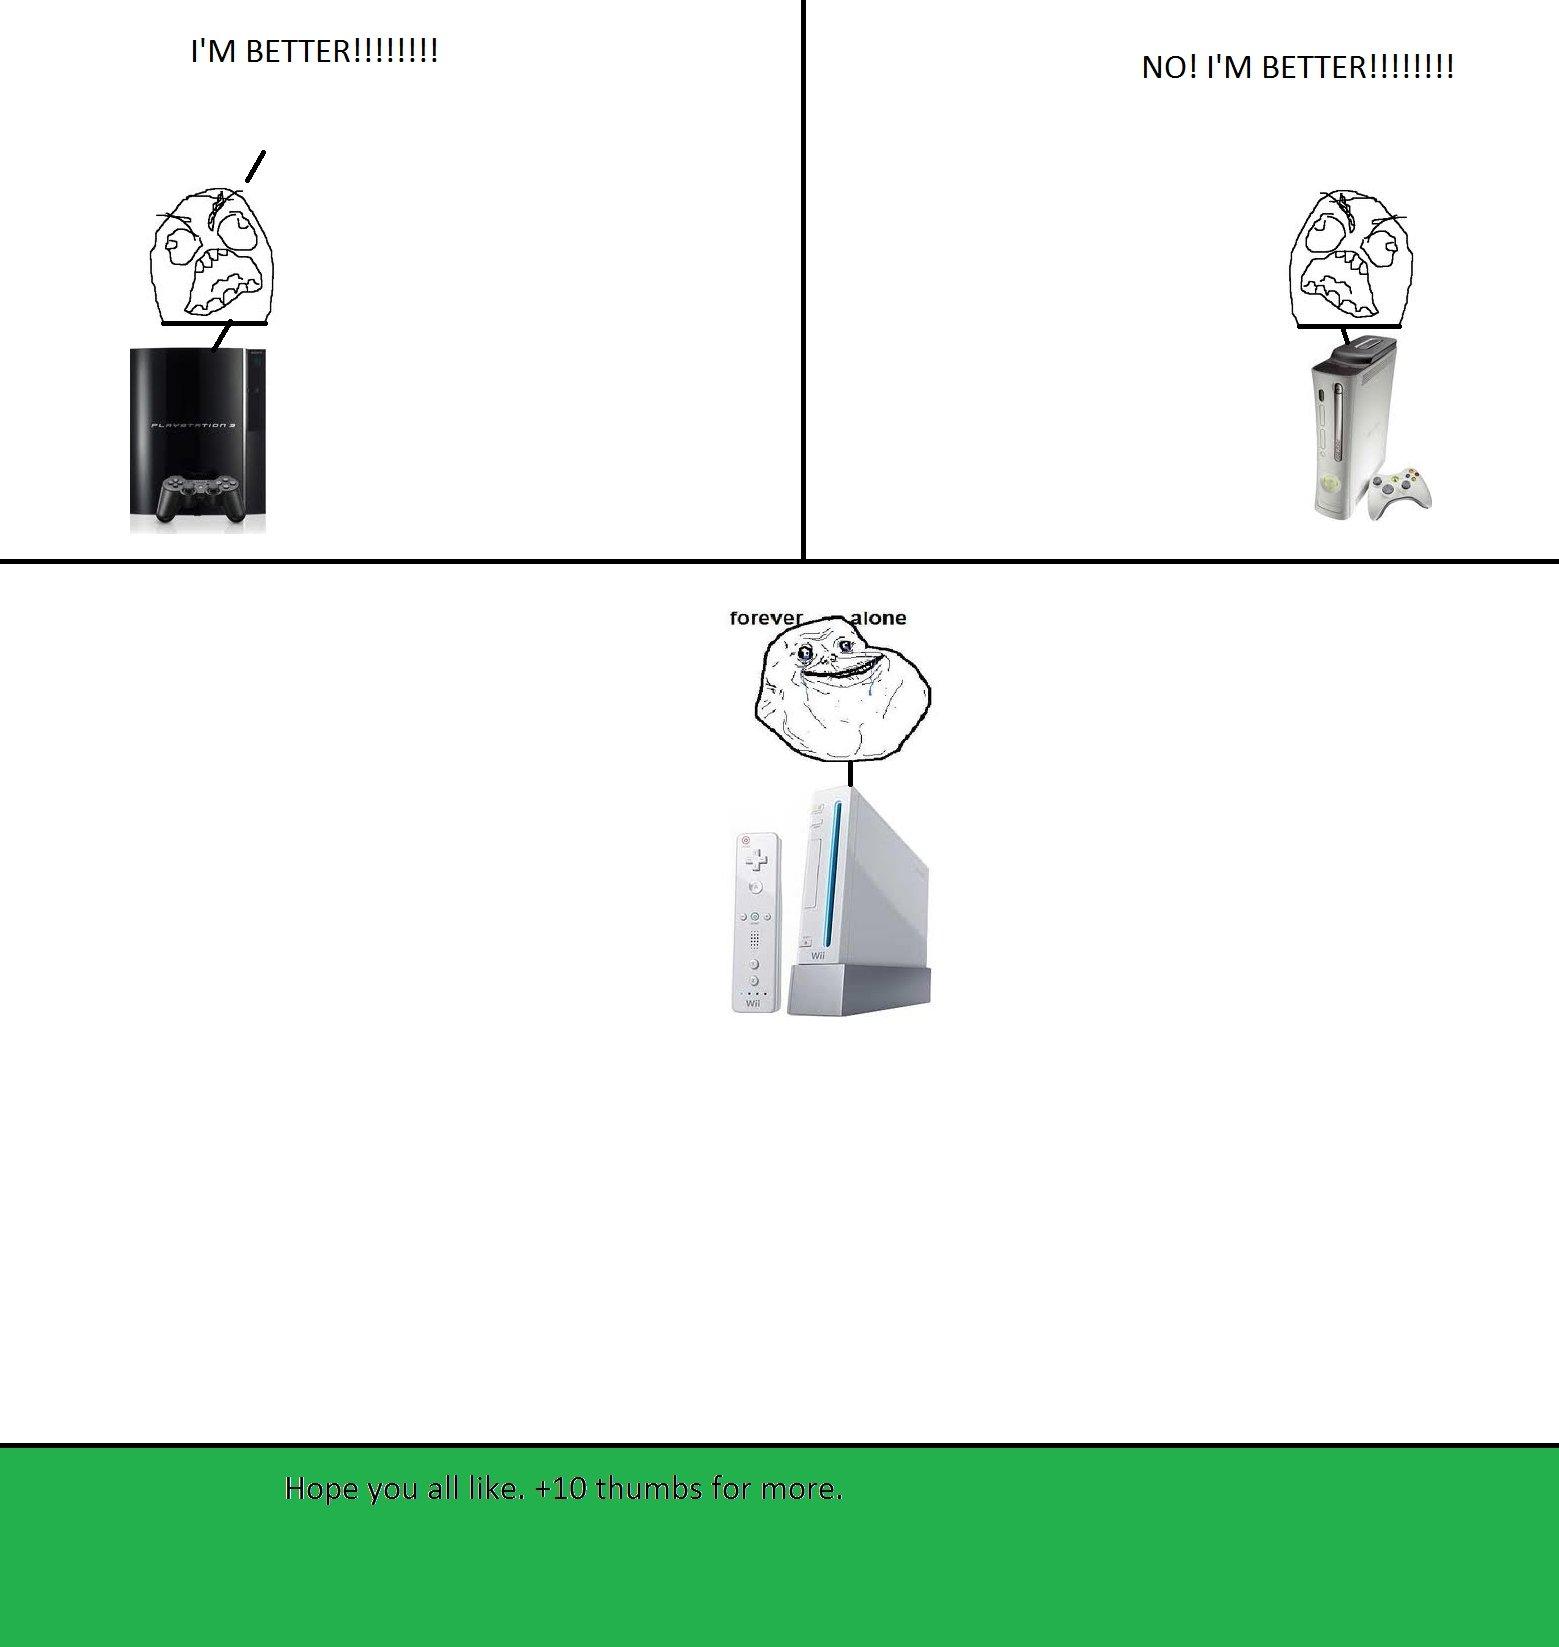 Xbox 360 Vs Ps3 Vs Wii Ps3 vs  xbox 360 vs  wii Xbox 360 Vs Ps3 Vs Wii